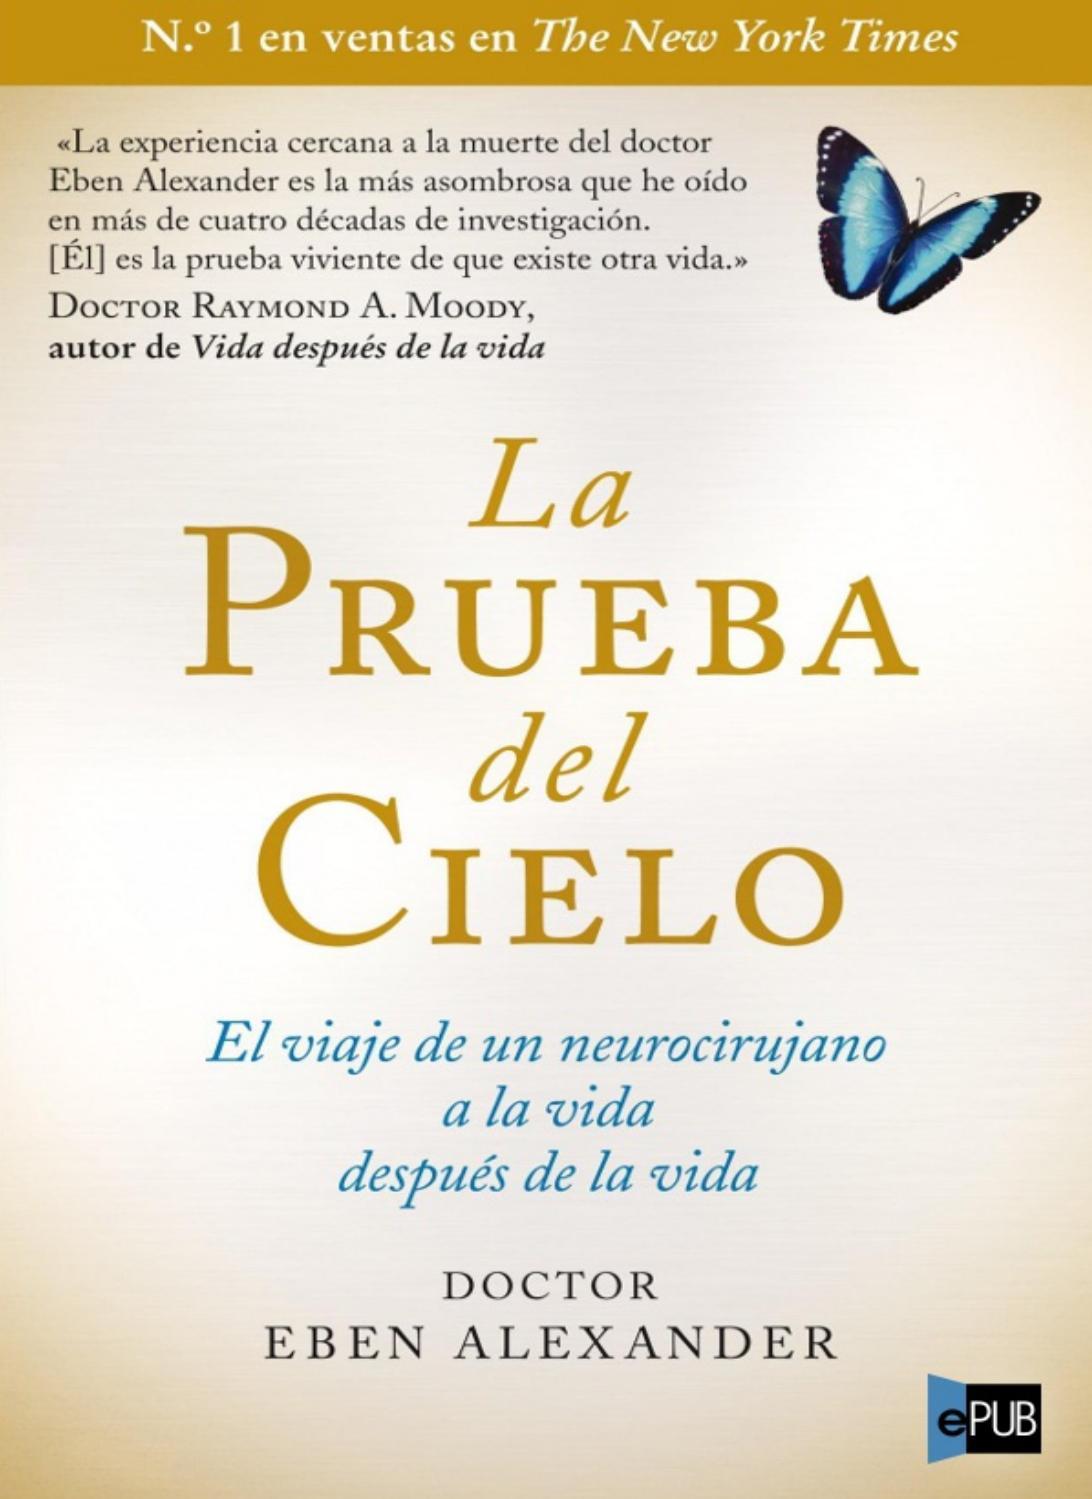 La prueba de cielo eben alexander by Fernando - issuu